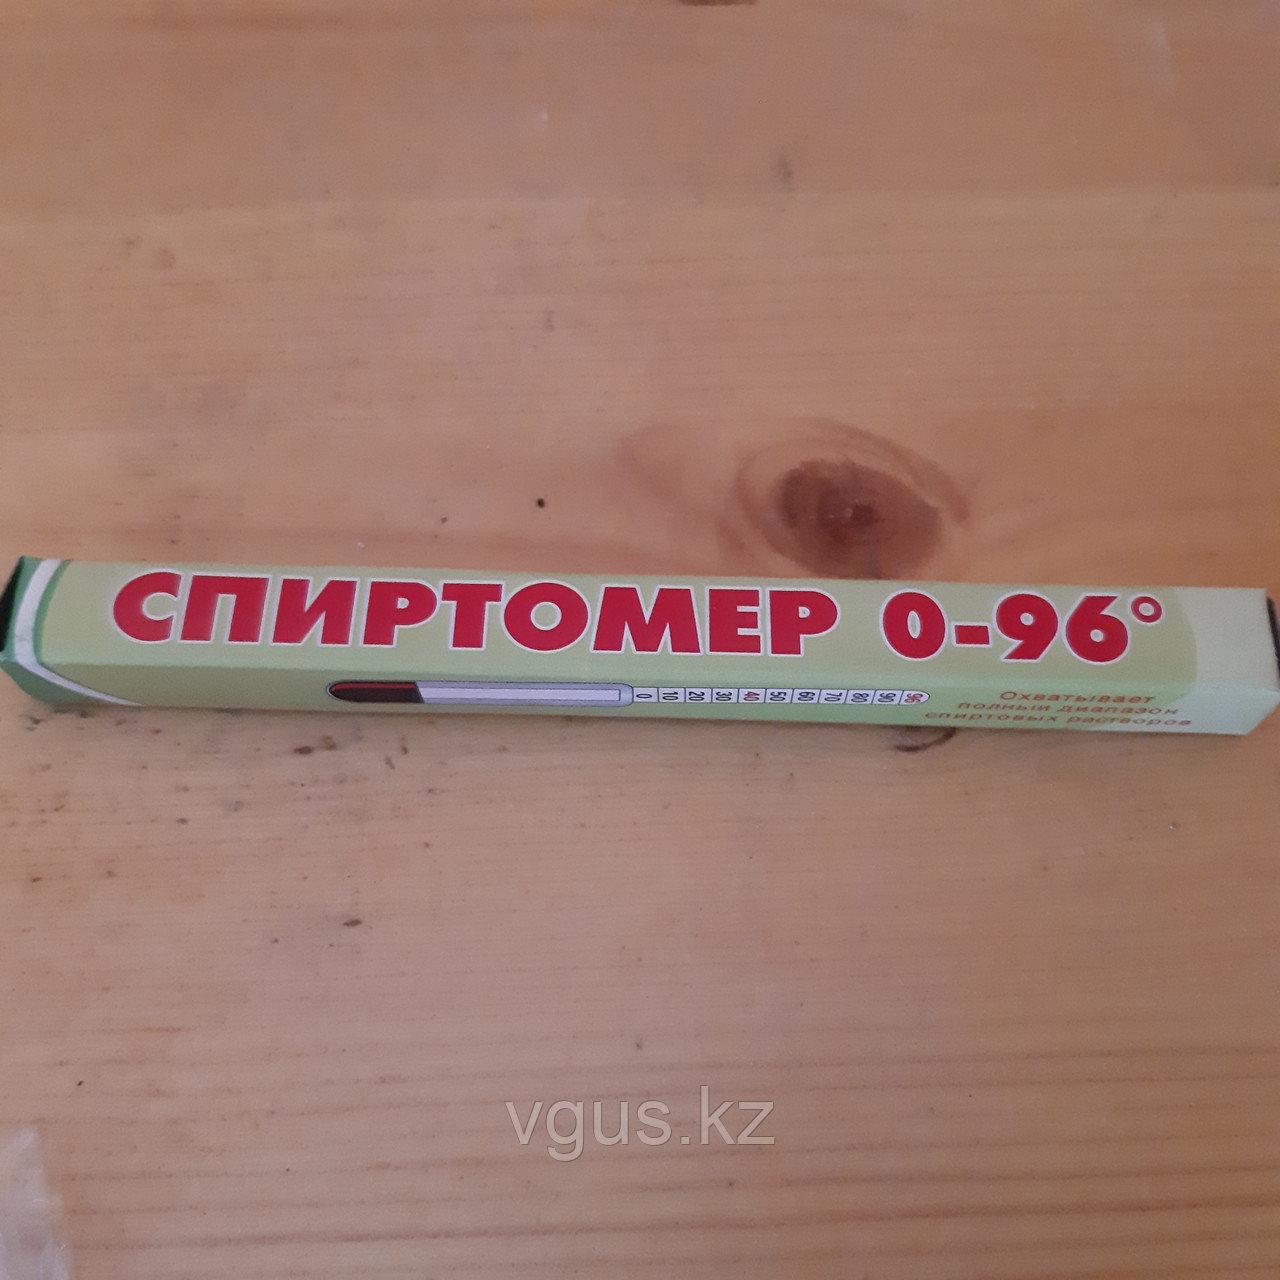 Спиртометр-ареометр 0-96` Длина 13.5 см.